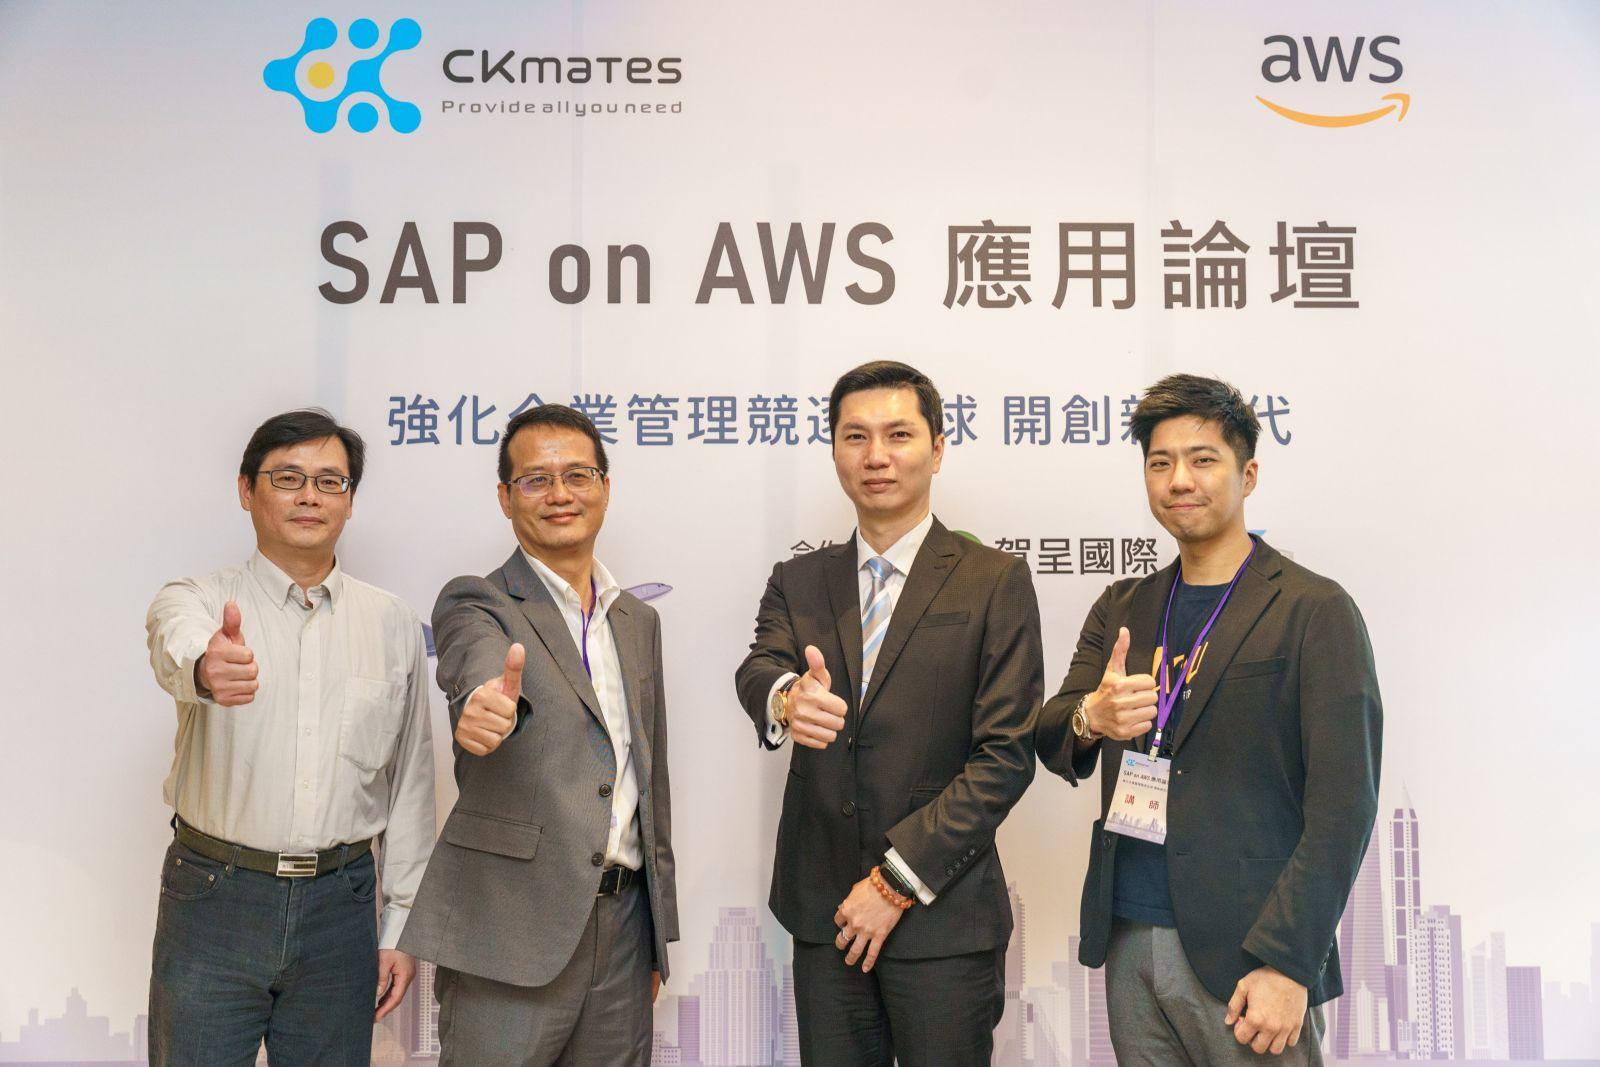 SAP on AWS 會後報導-彈性應變易擴充 企業上雲一路通